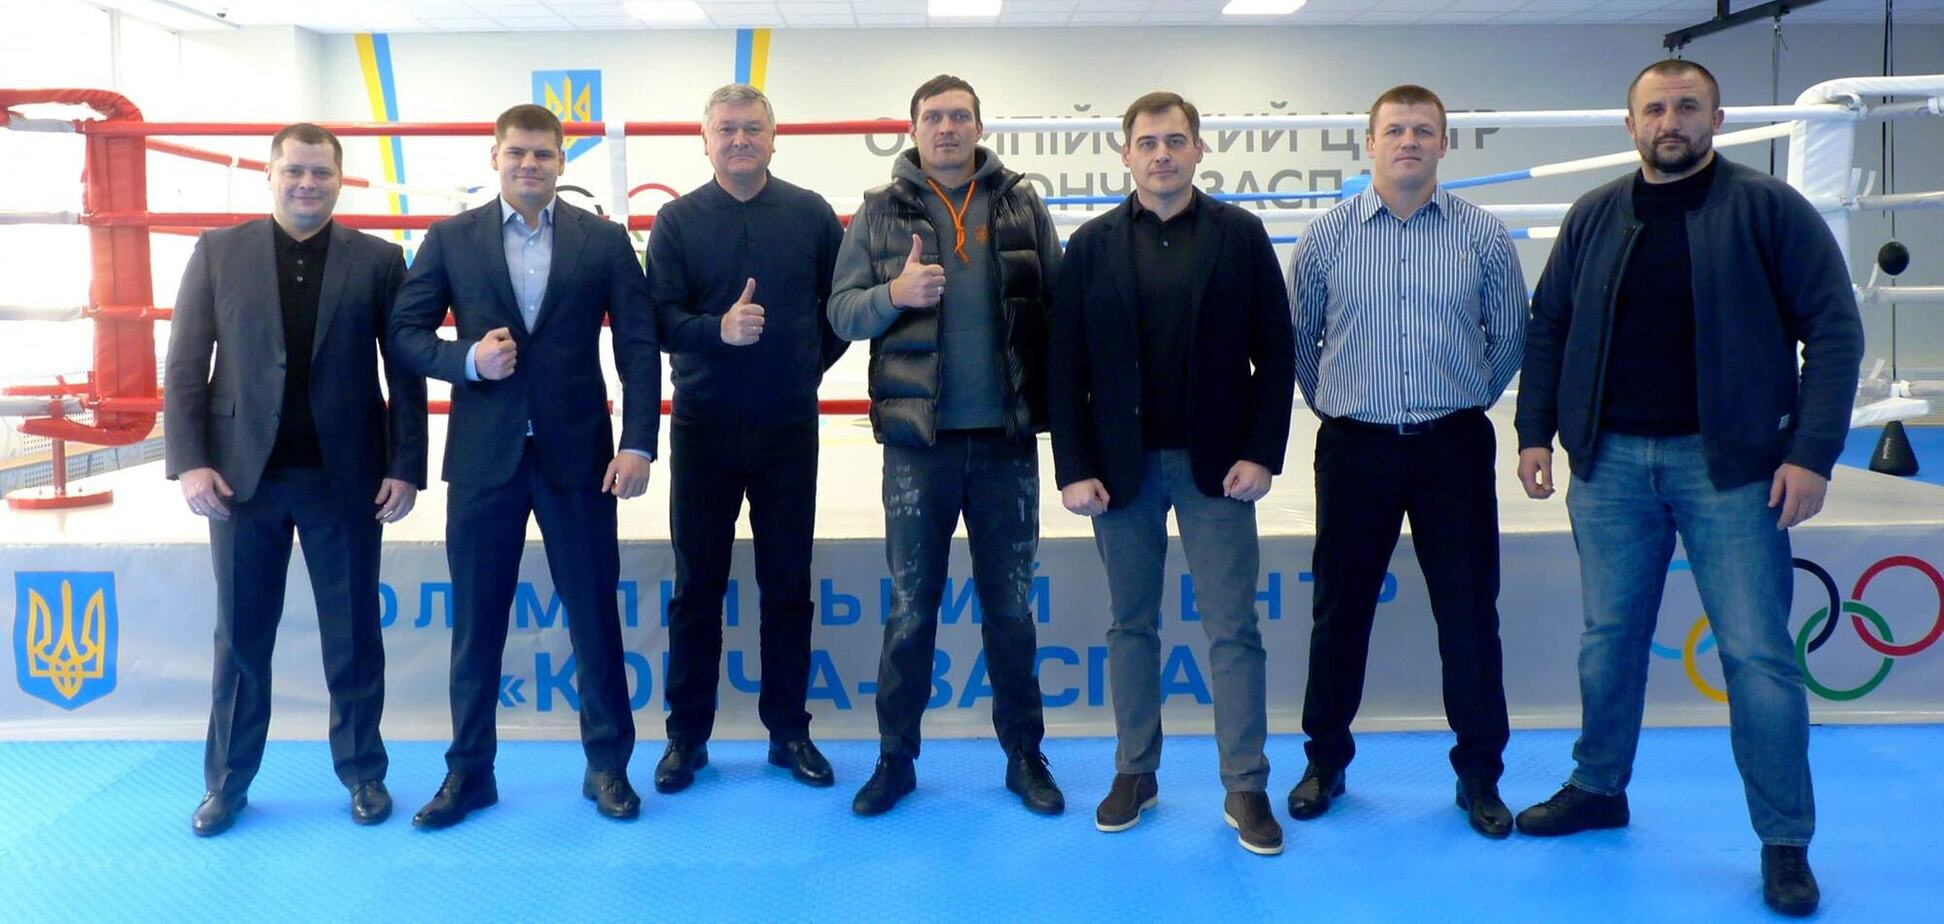 Усик открыл обновленный боксерский зал в Конча-Заспе. Фото и видео